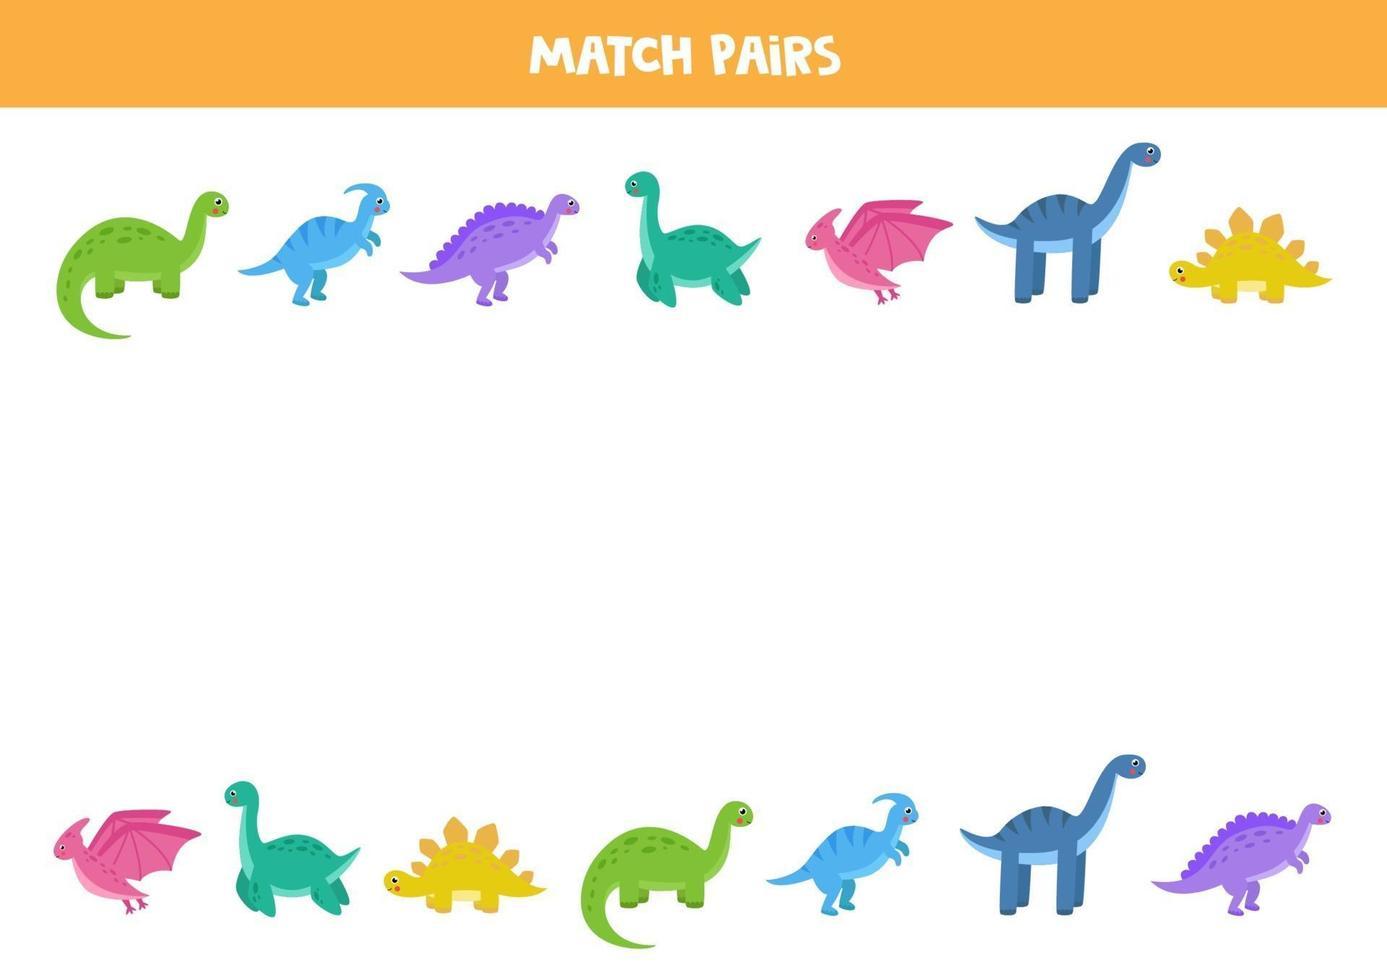 vind een paar voor elke dinosaurus. educatief logisch spel voor kinderen. vector